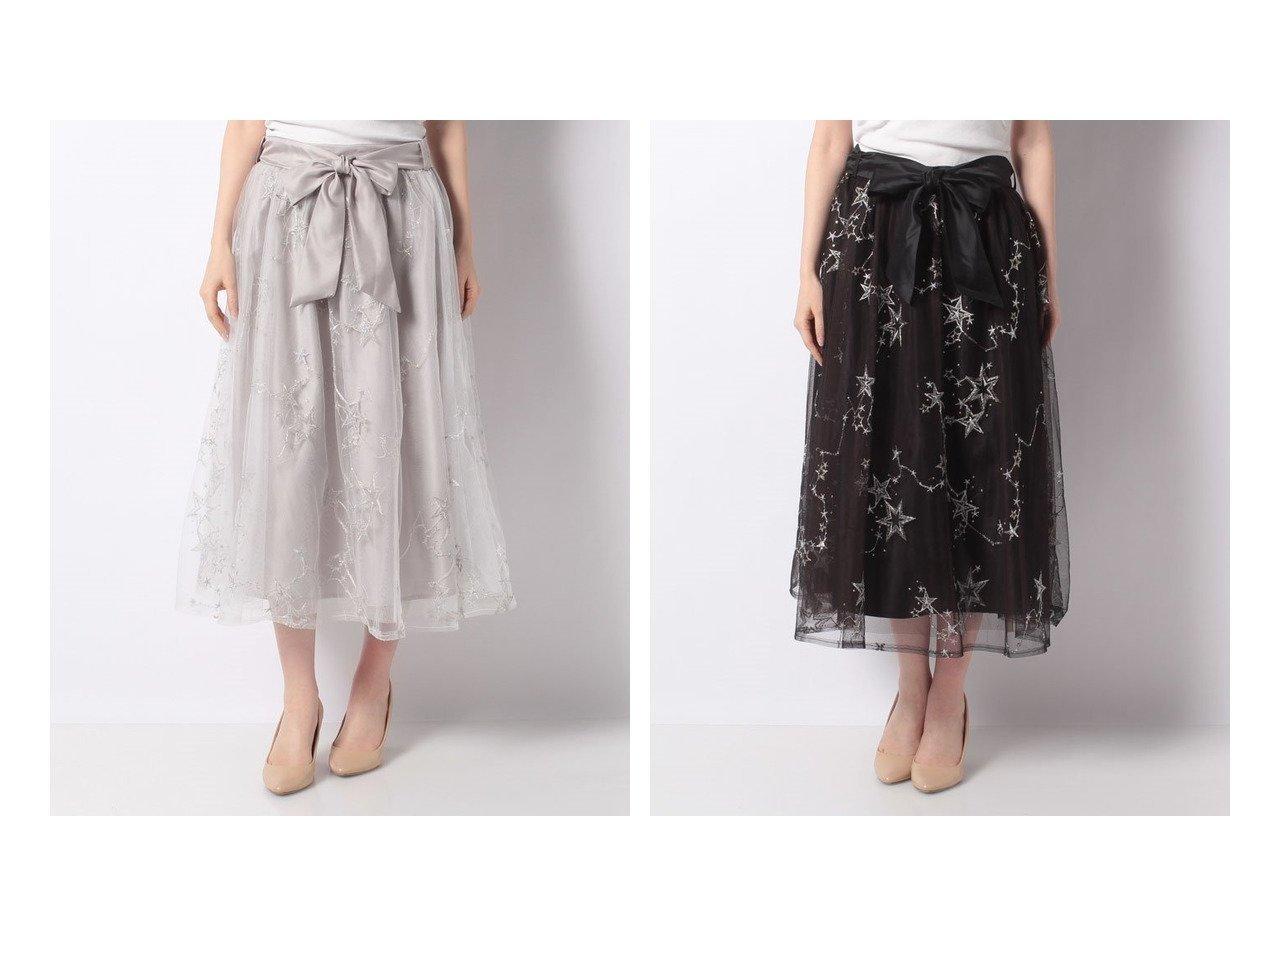 【axes femme/アクシーズファム】の【セットアップ対応商品】お星さまチュールスカート スカートのおすすめ!人気、トレンド・レディースファッションの通販 おすすめで人気の流行・トレンド、ファッションの通販商品 メンズファッション・キッズファッション・インテリア・家具・レディースファッション・服の通販 founy(ファニー) https://founy.com/ ファッション Fashion レディースファッション WOMEN セットアップ Setup スカート Skirt スカート Skirt Aライン/フレアスカート Flared A-Line Skirts NEW・新作・新着・新入荷 New Arrivals おすすめ Recommend ギャザー セットアップ チュール フレア |ID:crp329100000022489